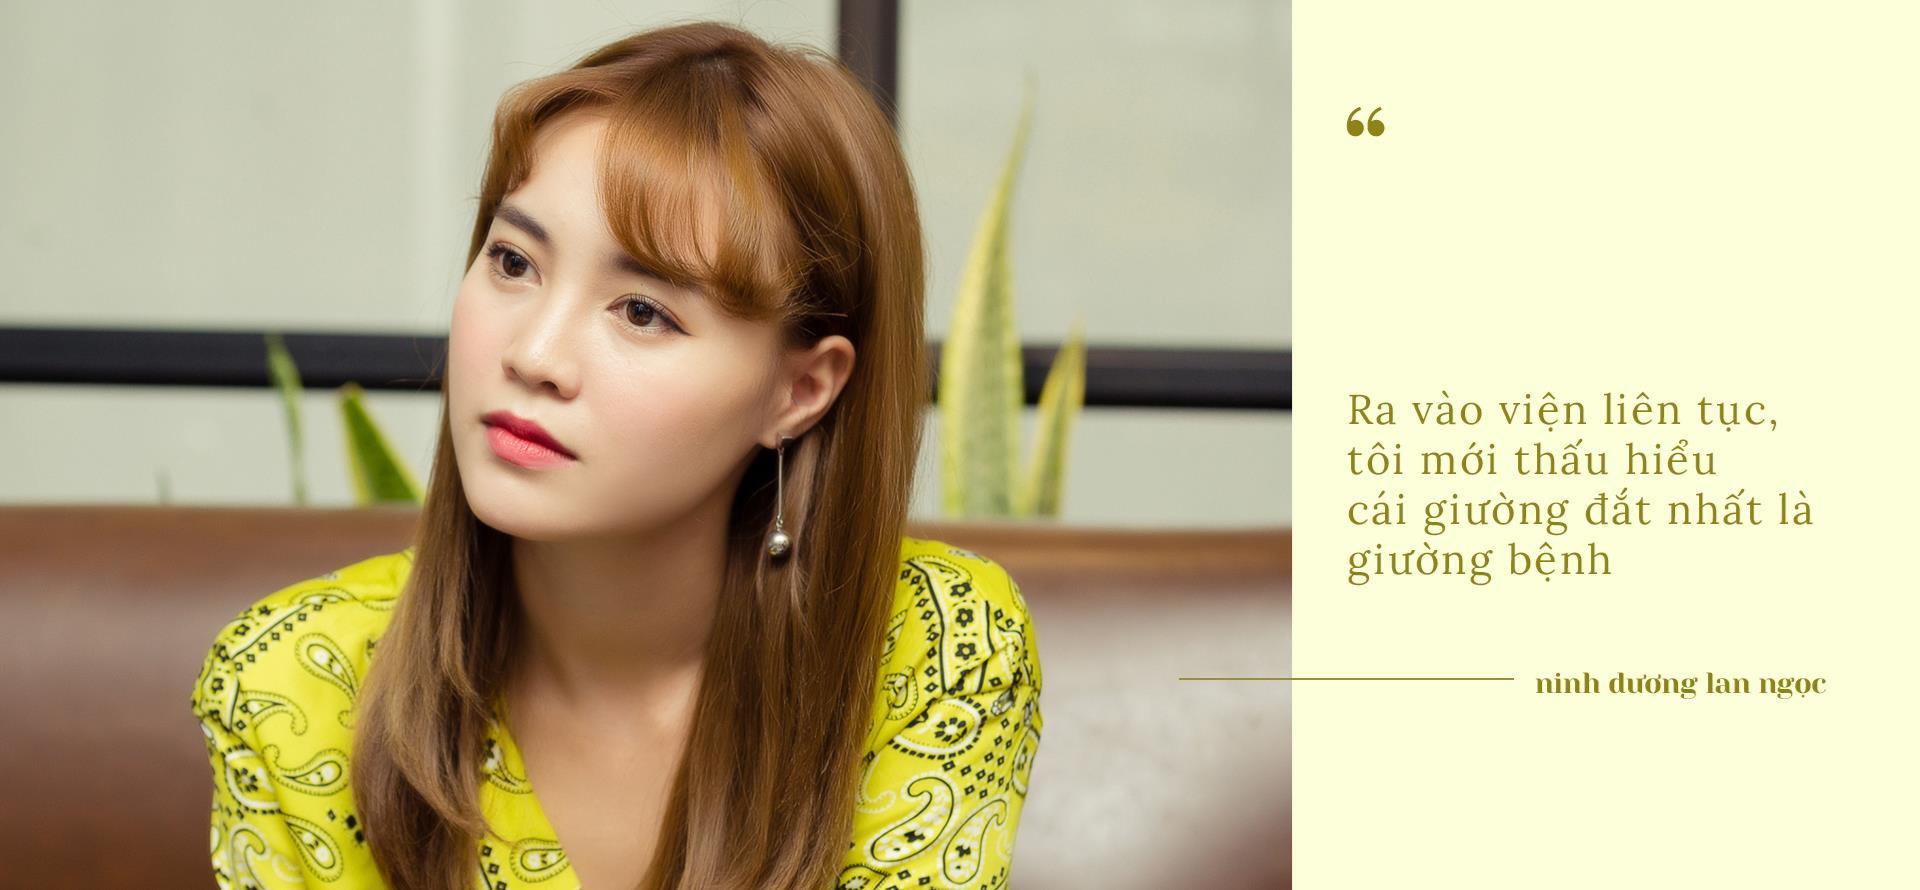 Ninh Dương Lan Ngọc: 'Tôi bị loét dạ dày, chảy nhiều máu, nguy cơ ung thư'